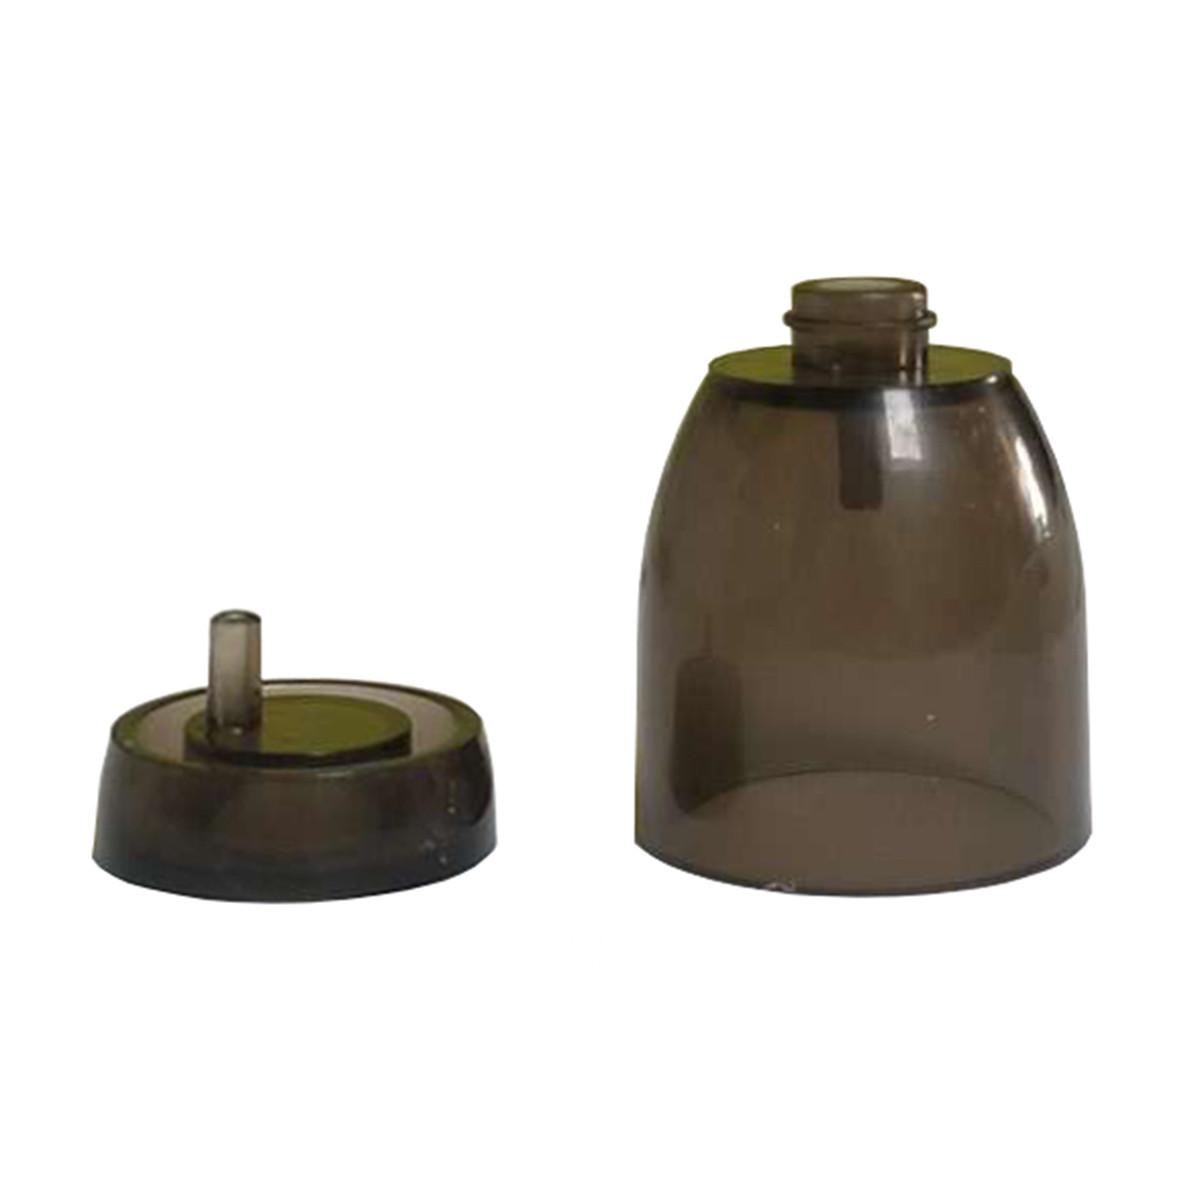 Аспіратор запчастини LITTLE BEES (LB-001) ковпачок і клапан пластиковий